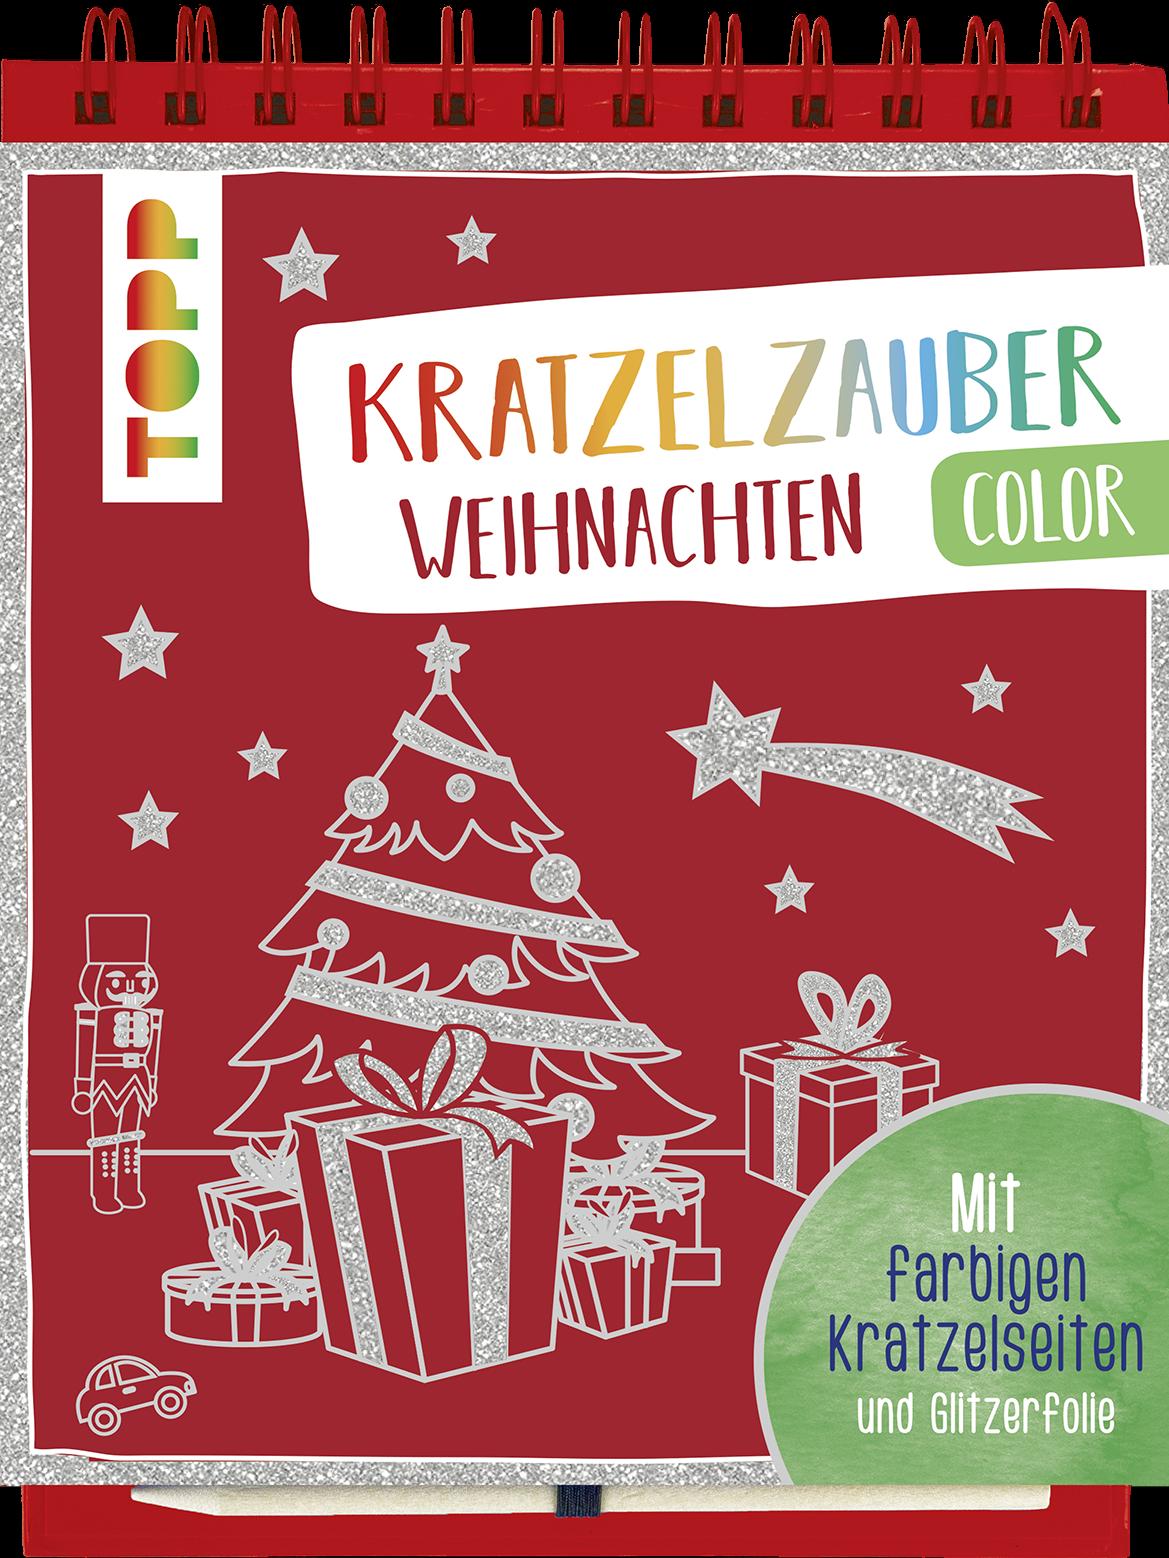 Kratzelzauber Color Weihnachten | Mitmachbuch für Kids von TOPP